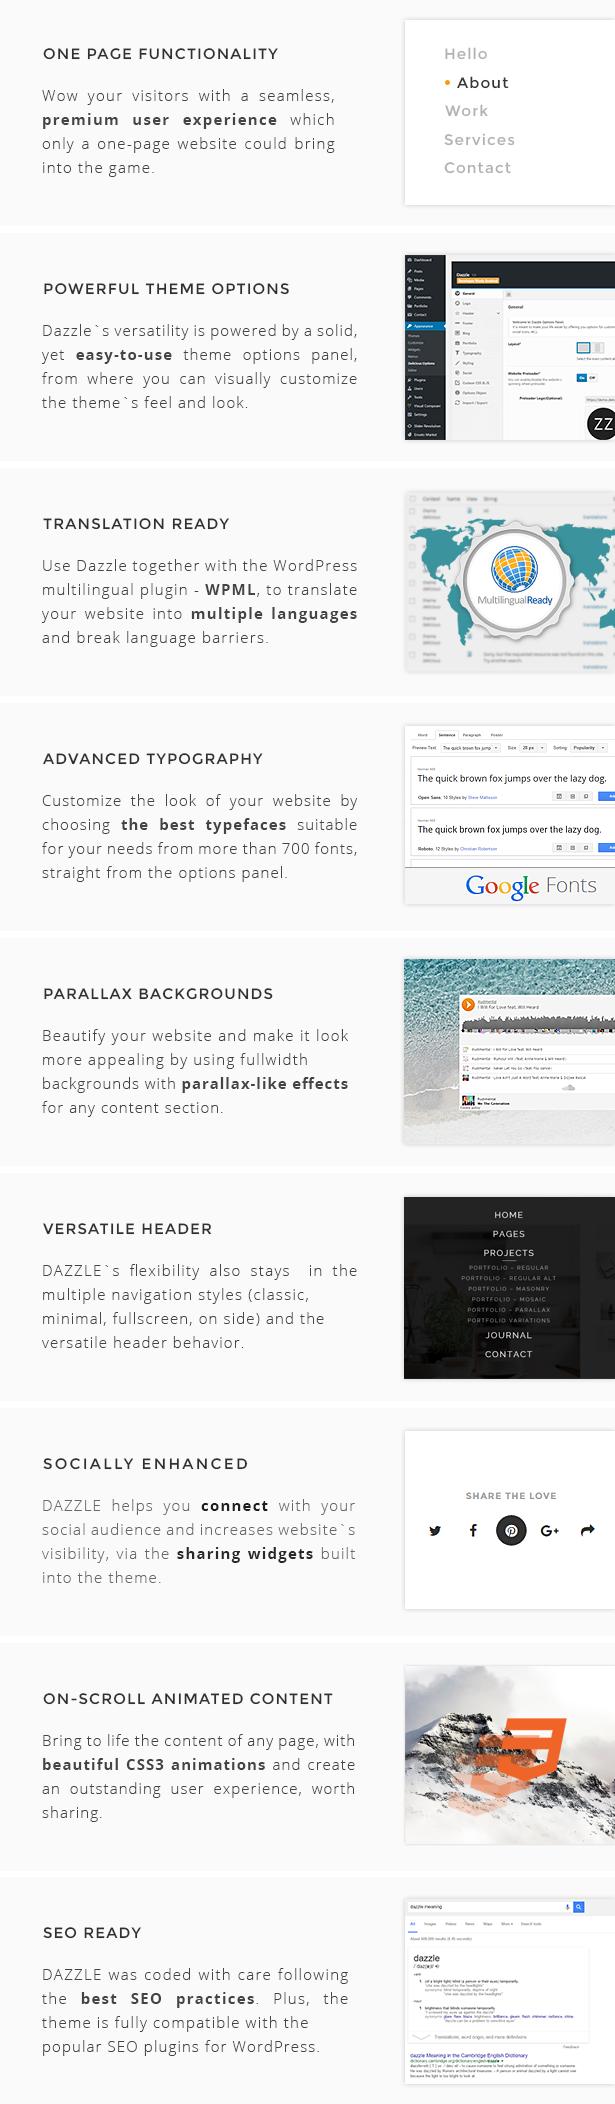 Verblüffen Sie die Funktionen des WordPress-Themas